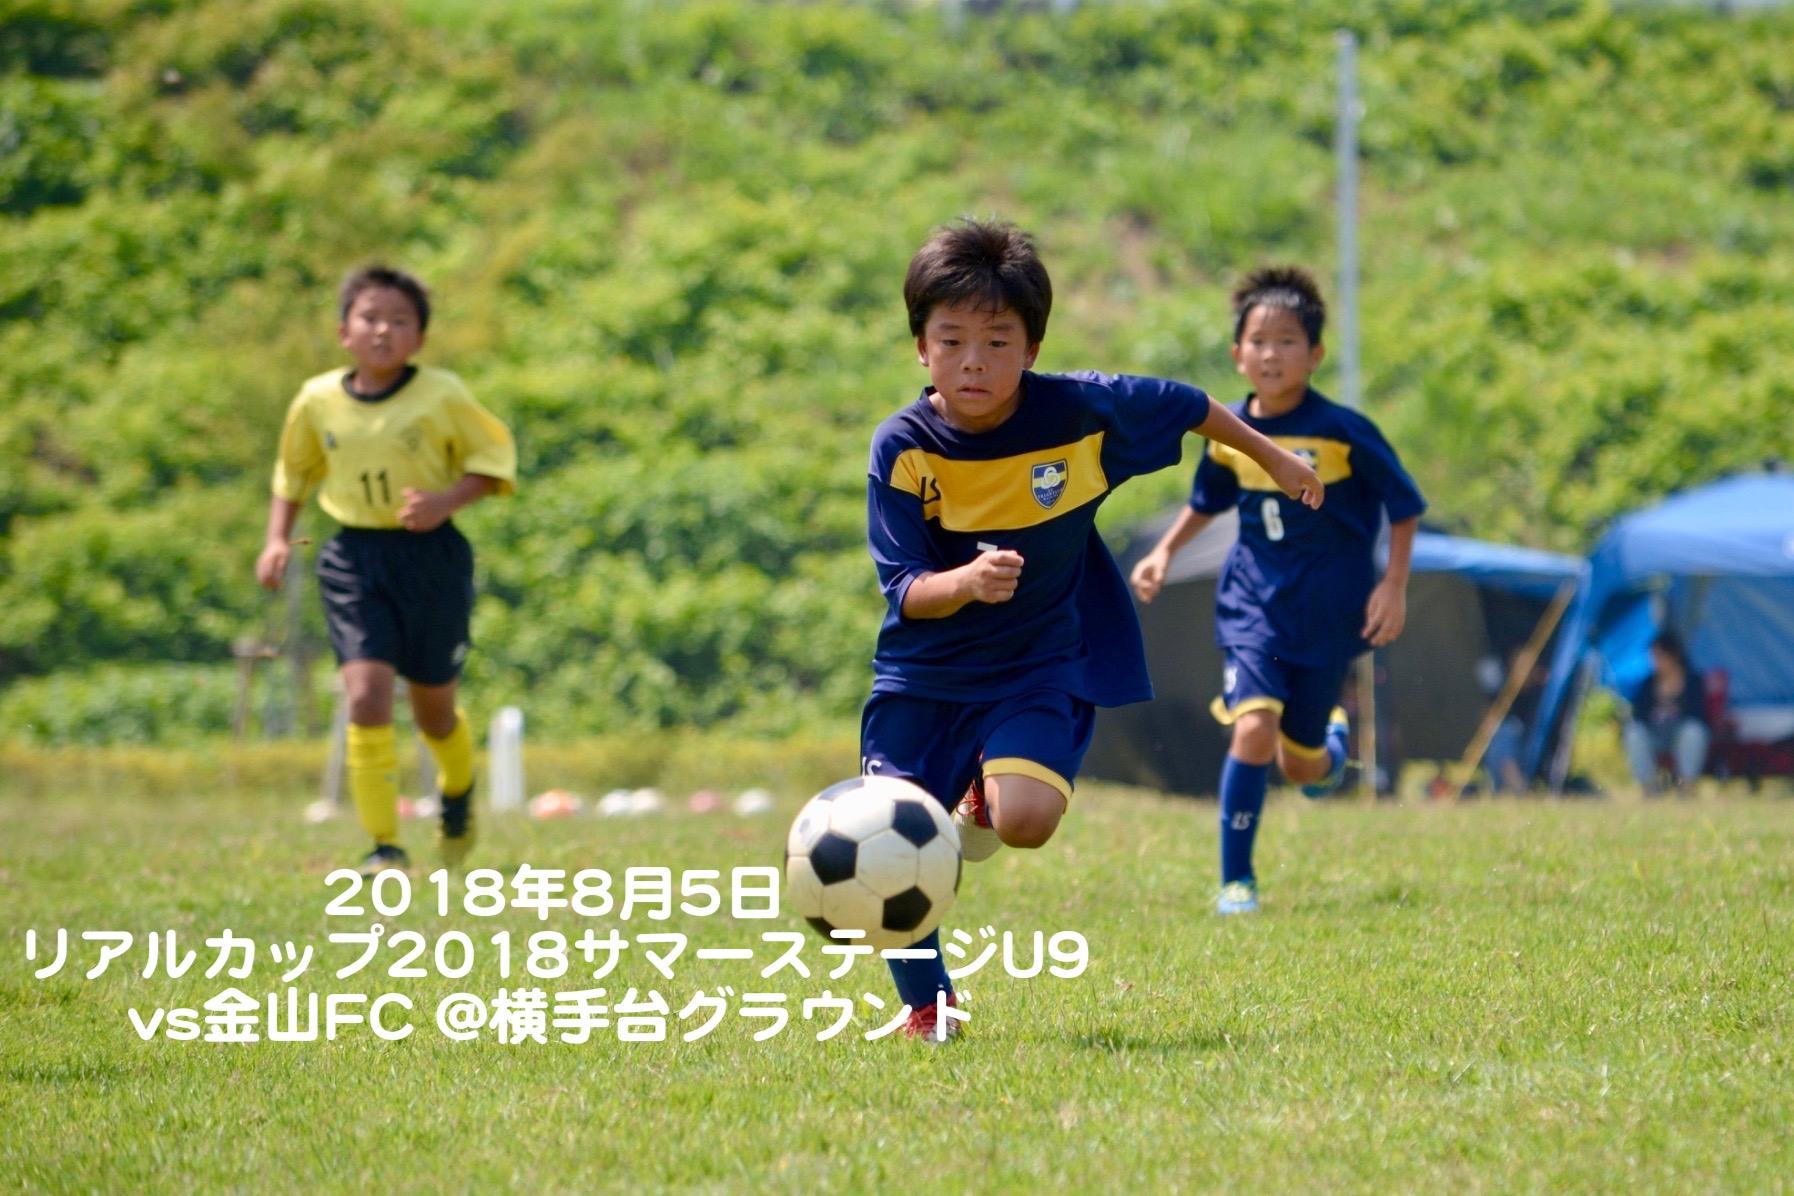 180805 U9リアルカップ 2